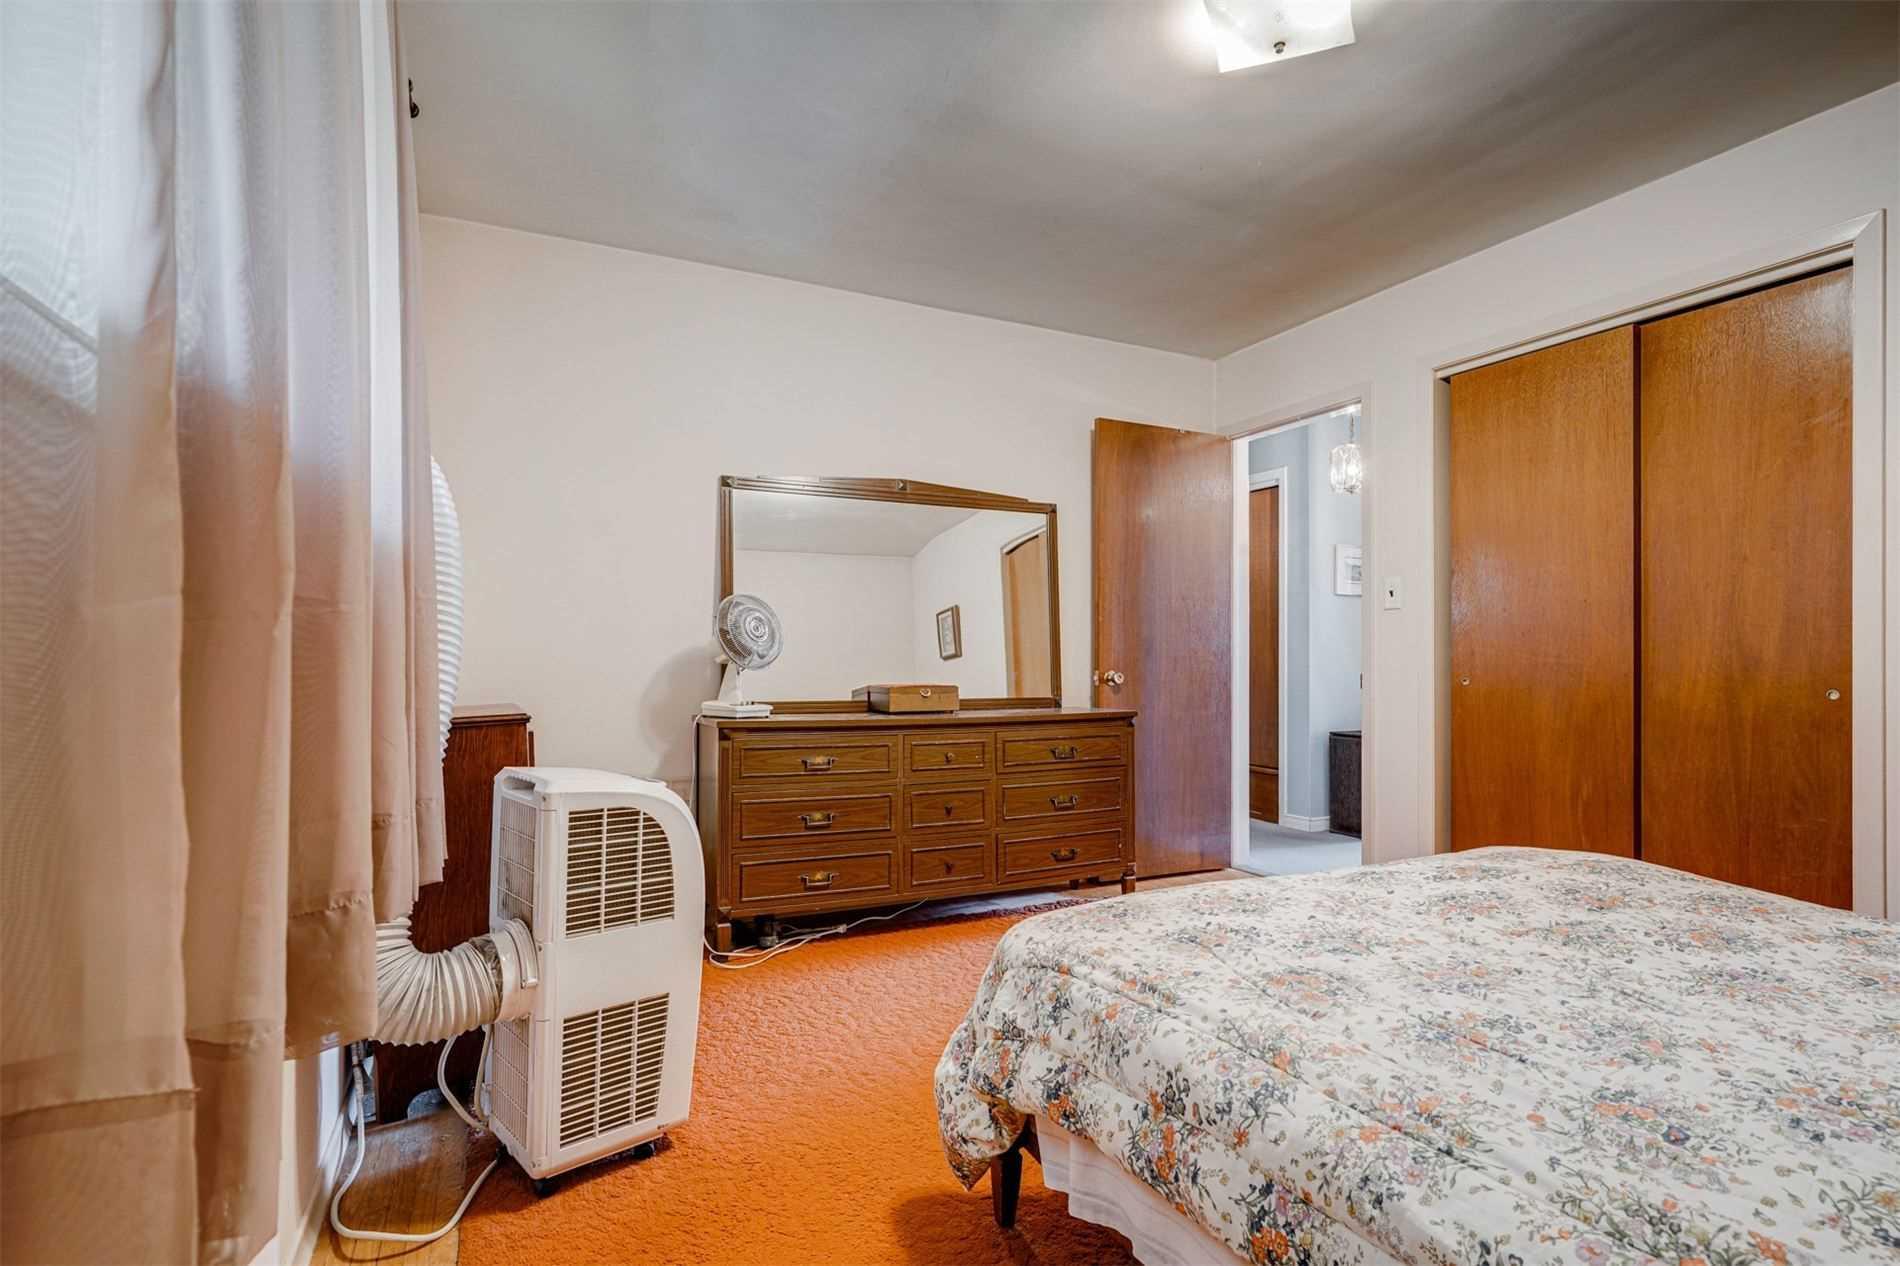 4189 Brock Rd - Uxbridge Detached for sale, 3 Bedrooms (N5311768) - #22